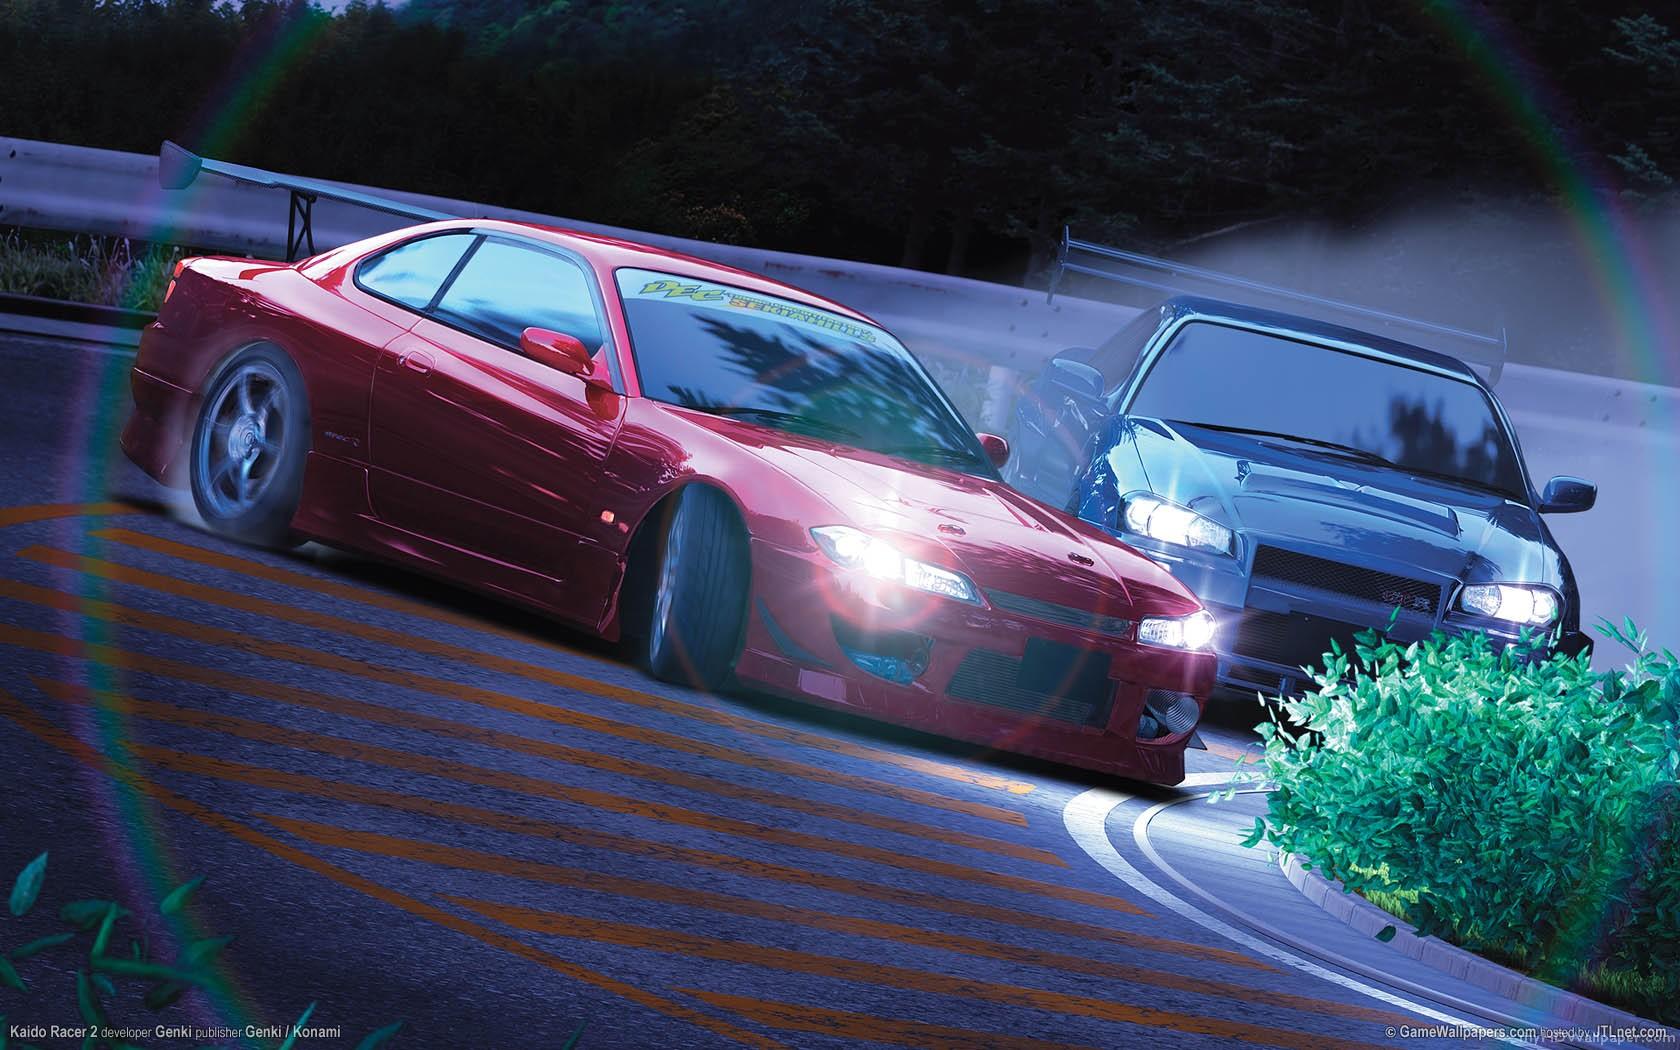 Drift Battle Wallpapers Nissan Drift Battle Myspace Backgrounds 1680x1050